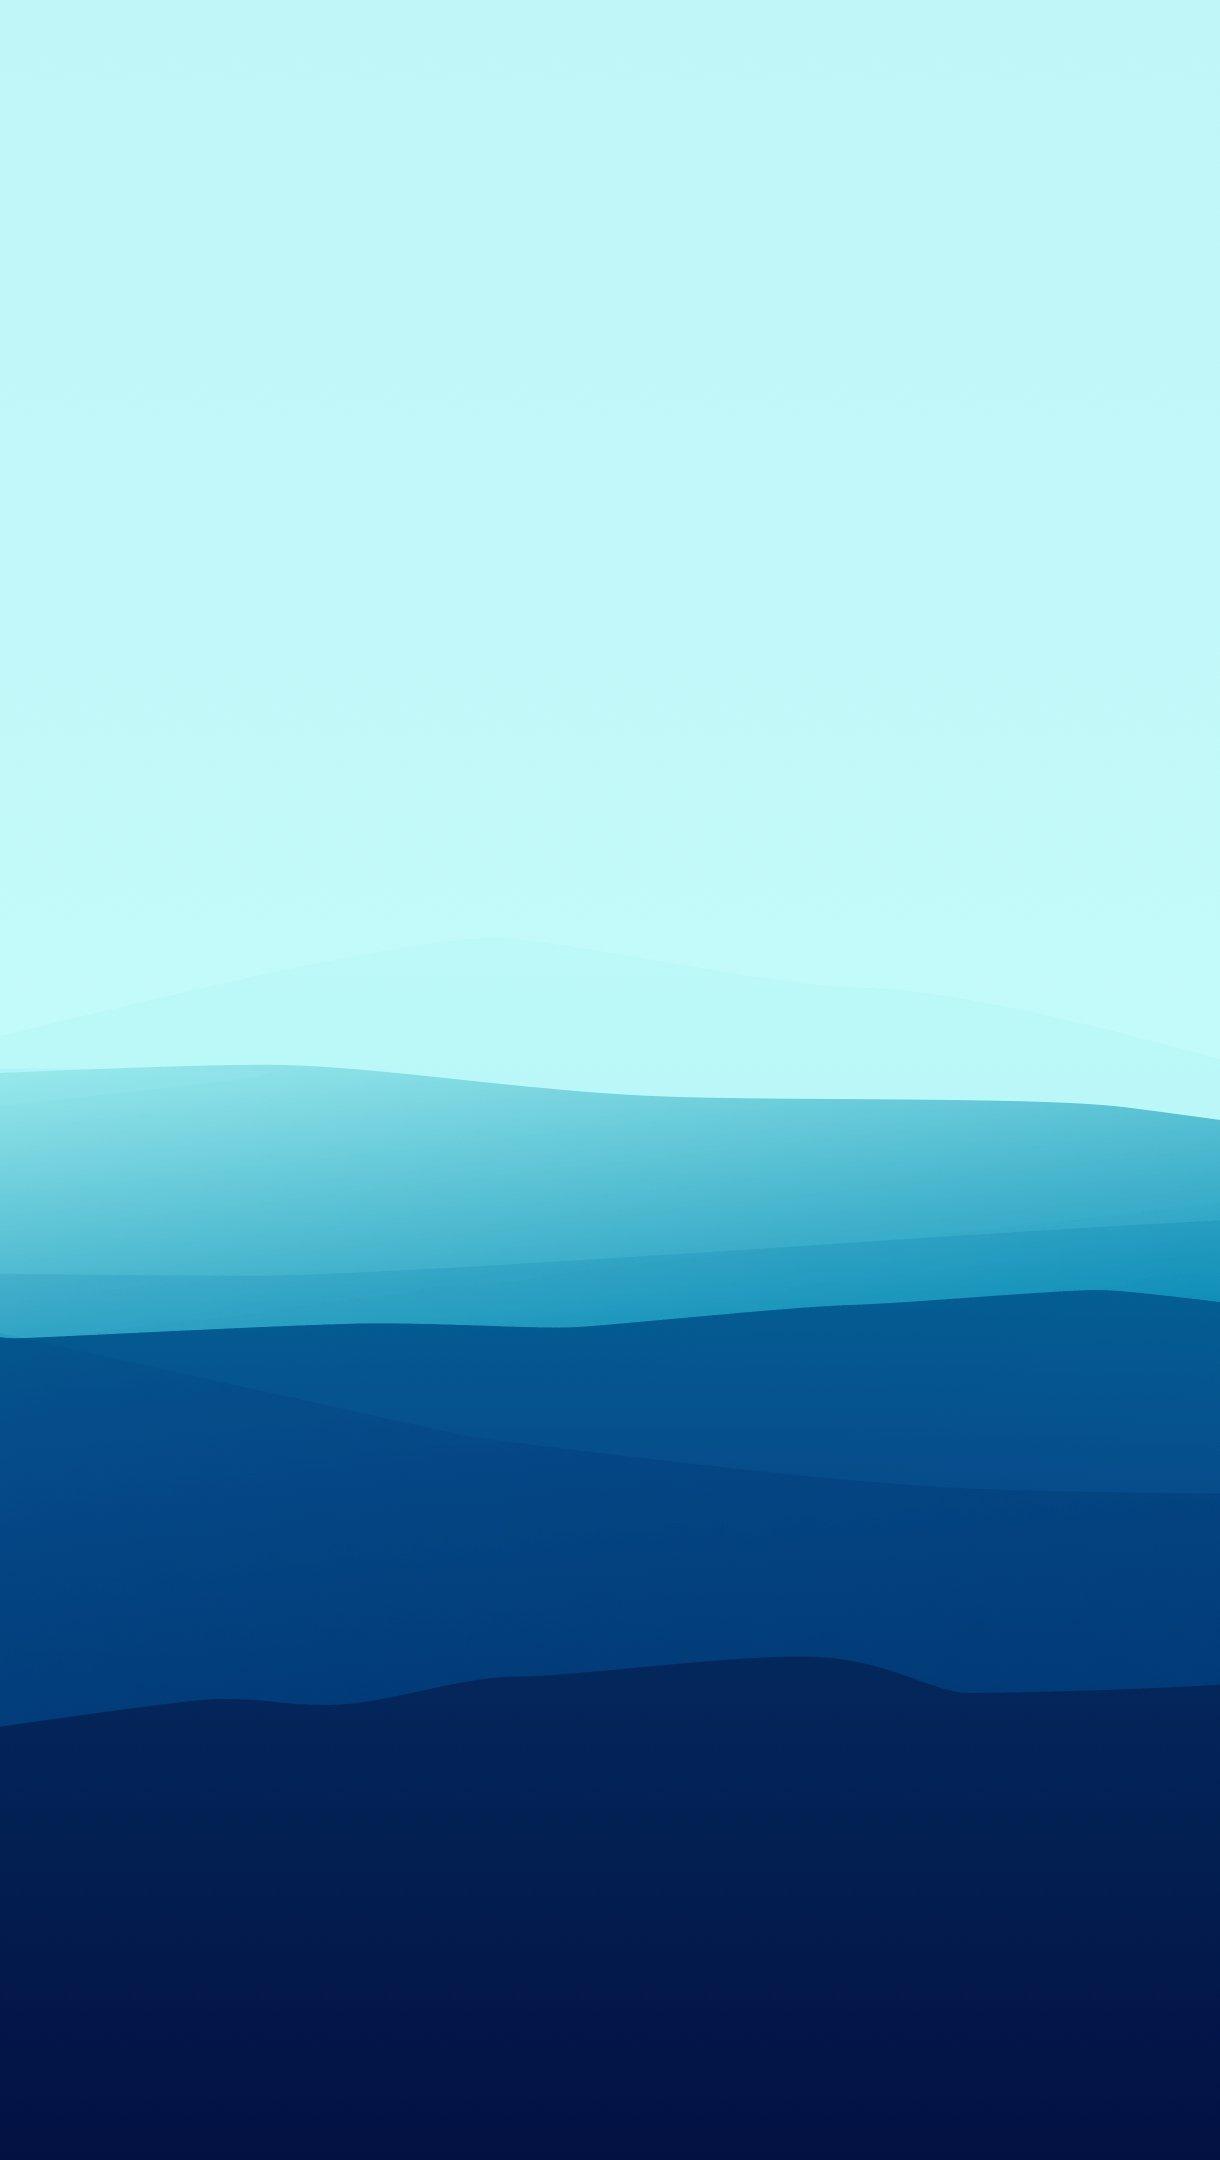 Fondos de pantalla Montañas Minimalista Degradado Azul Vertical